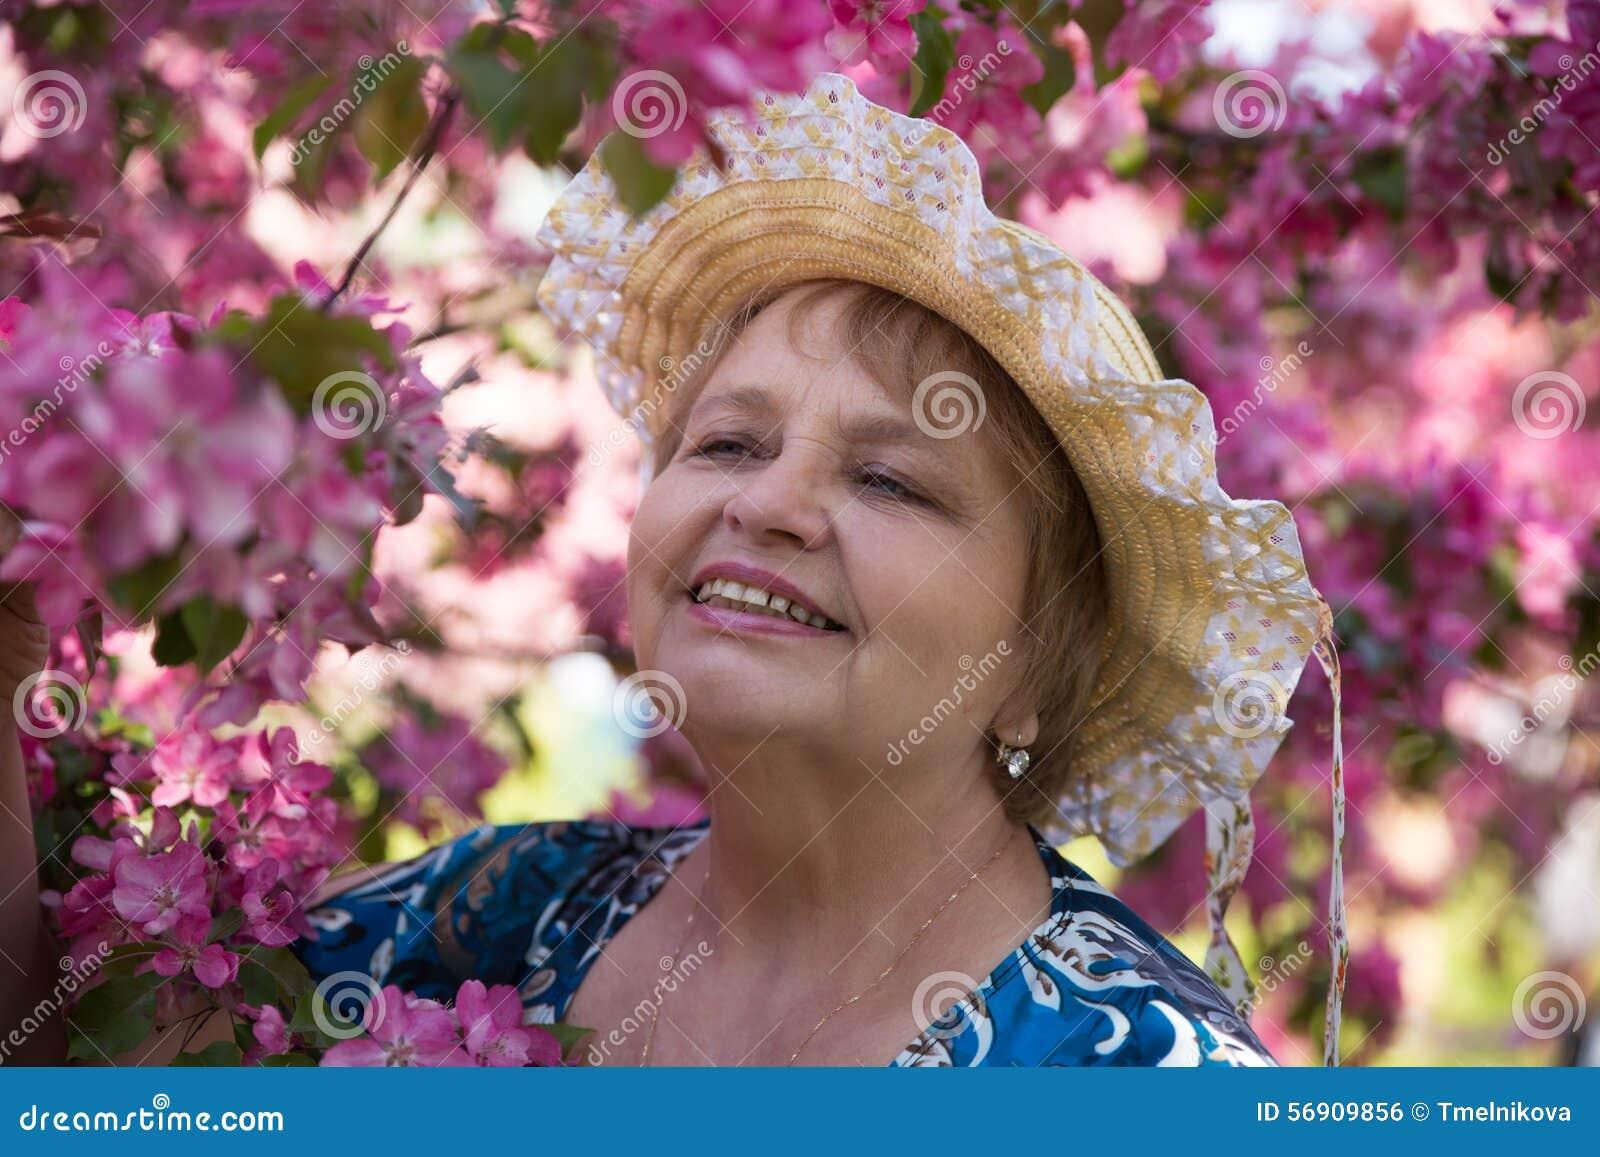 Χαμογελώντας ενήλικη γυναίκα που φορά ένα καπέλο κάτω από το ροζ